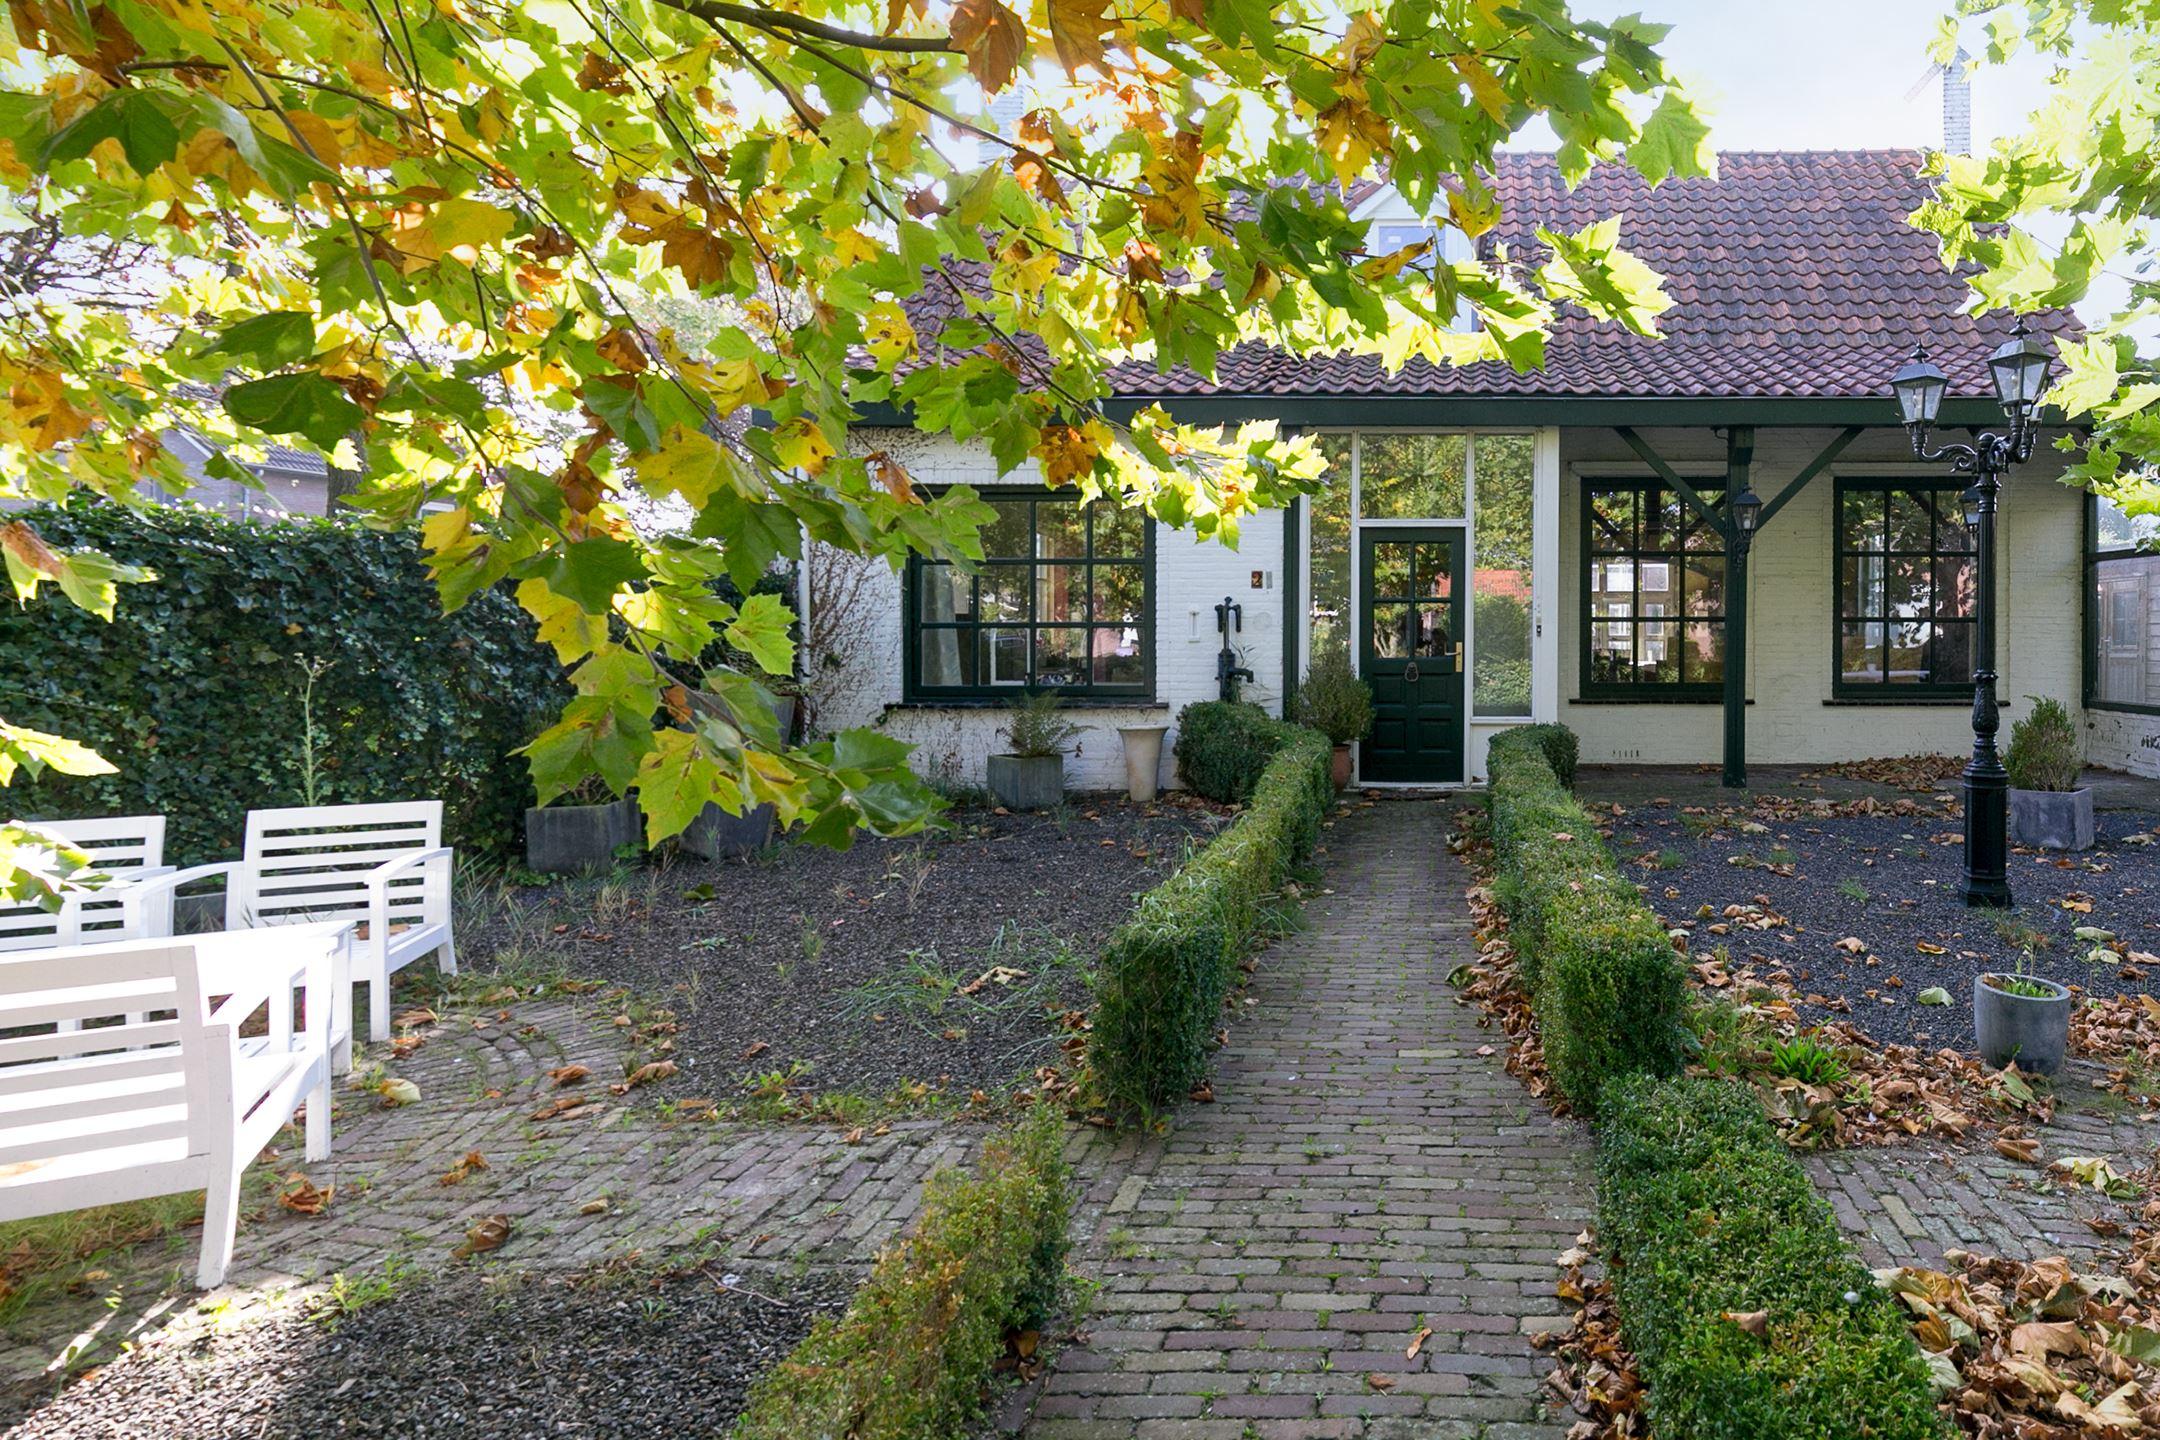 Huis te koop hoekstraat 21 5674 nn nuenen funda for Huis en tuin nuenen